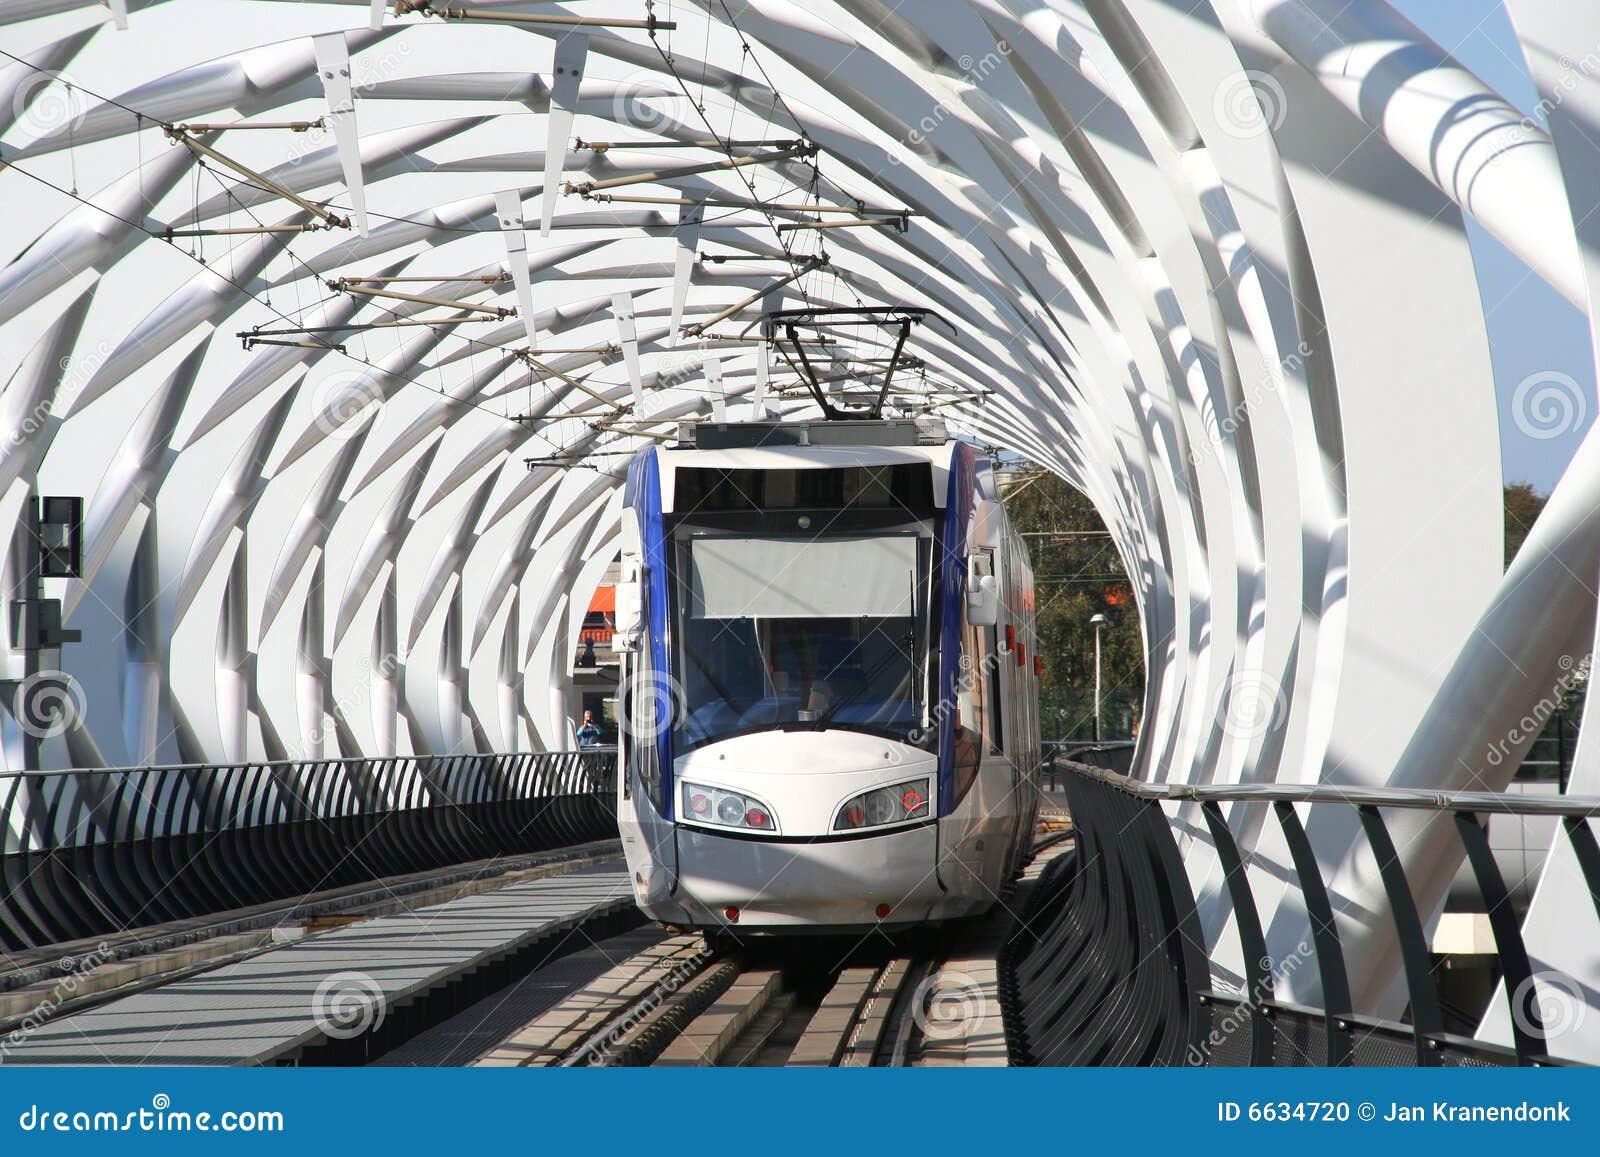 elevated-railway-6634720.jpg